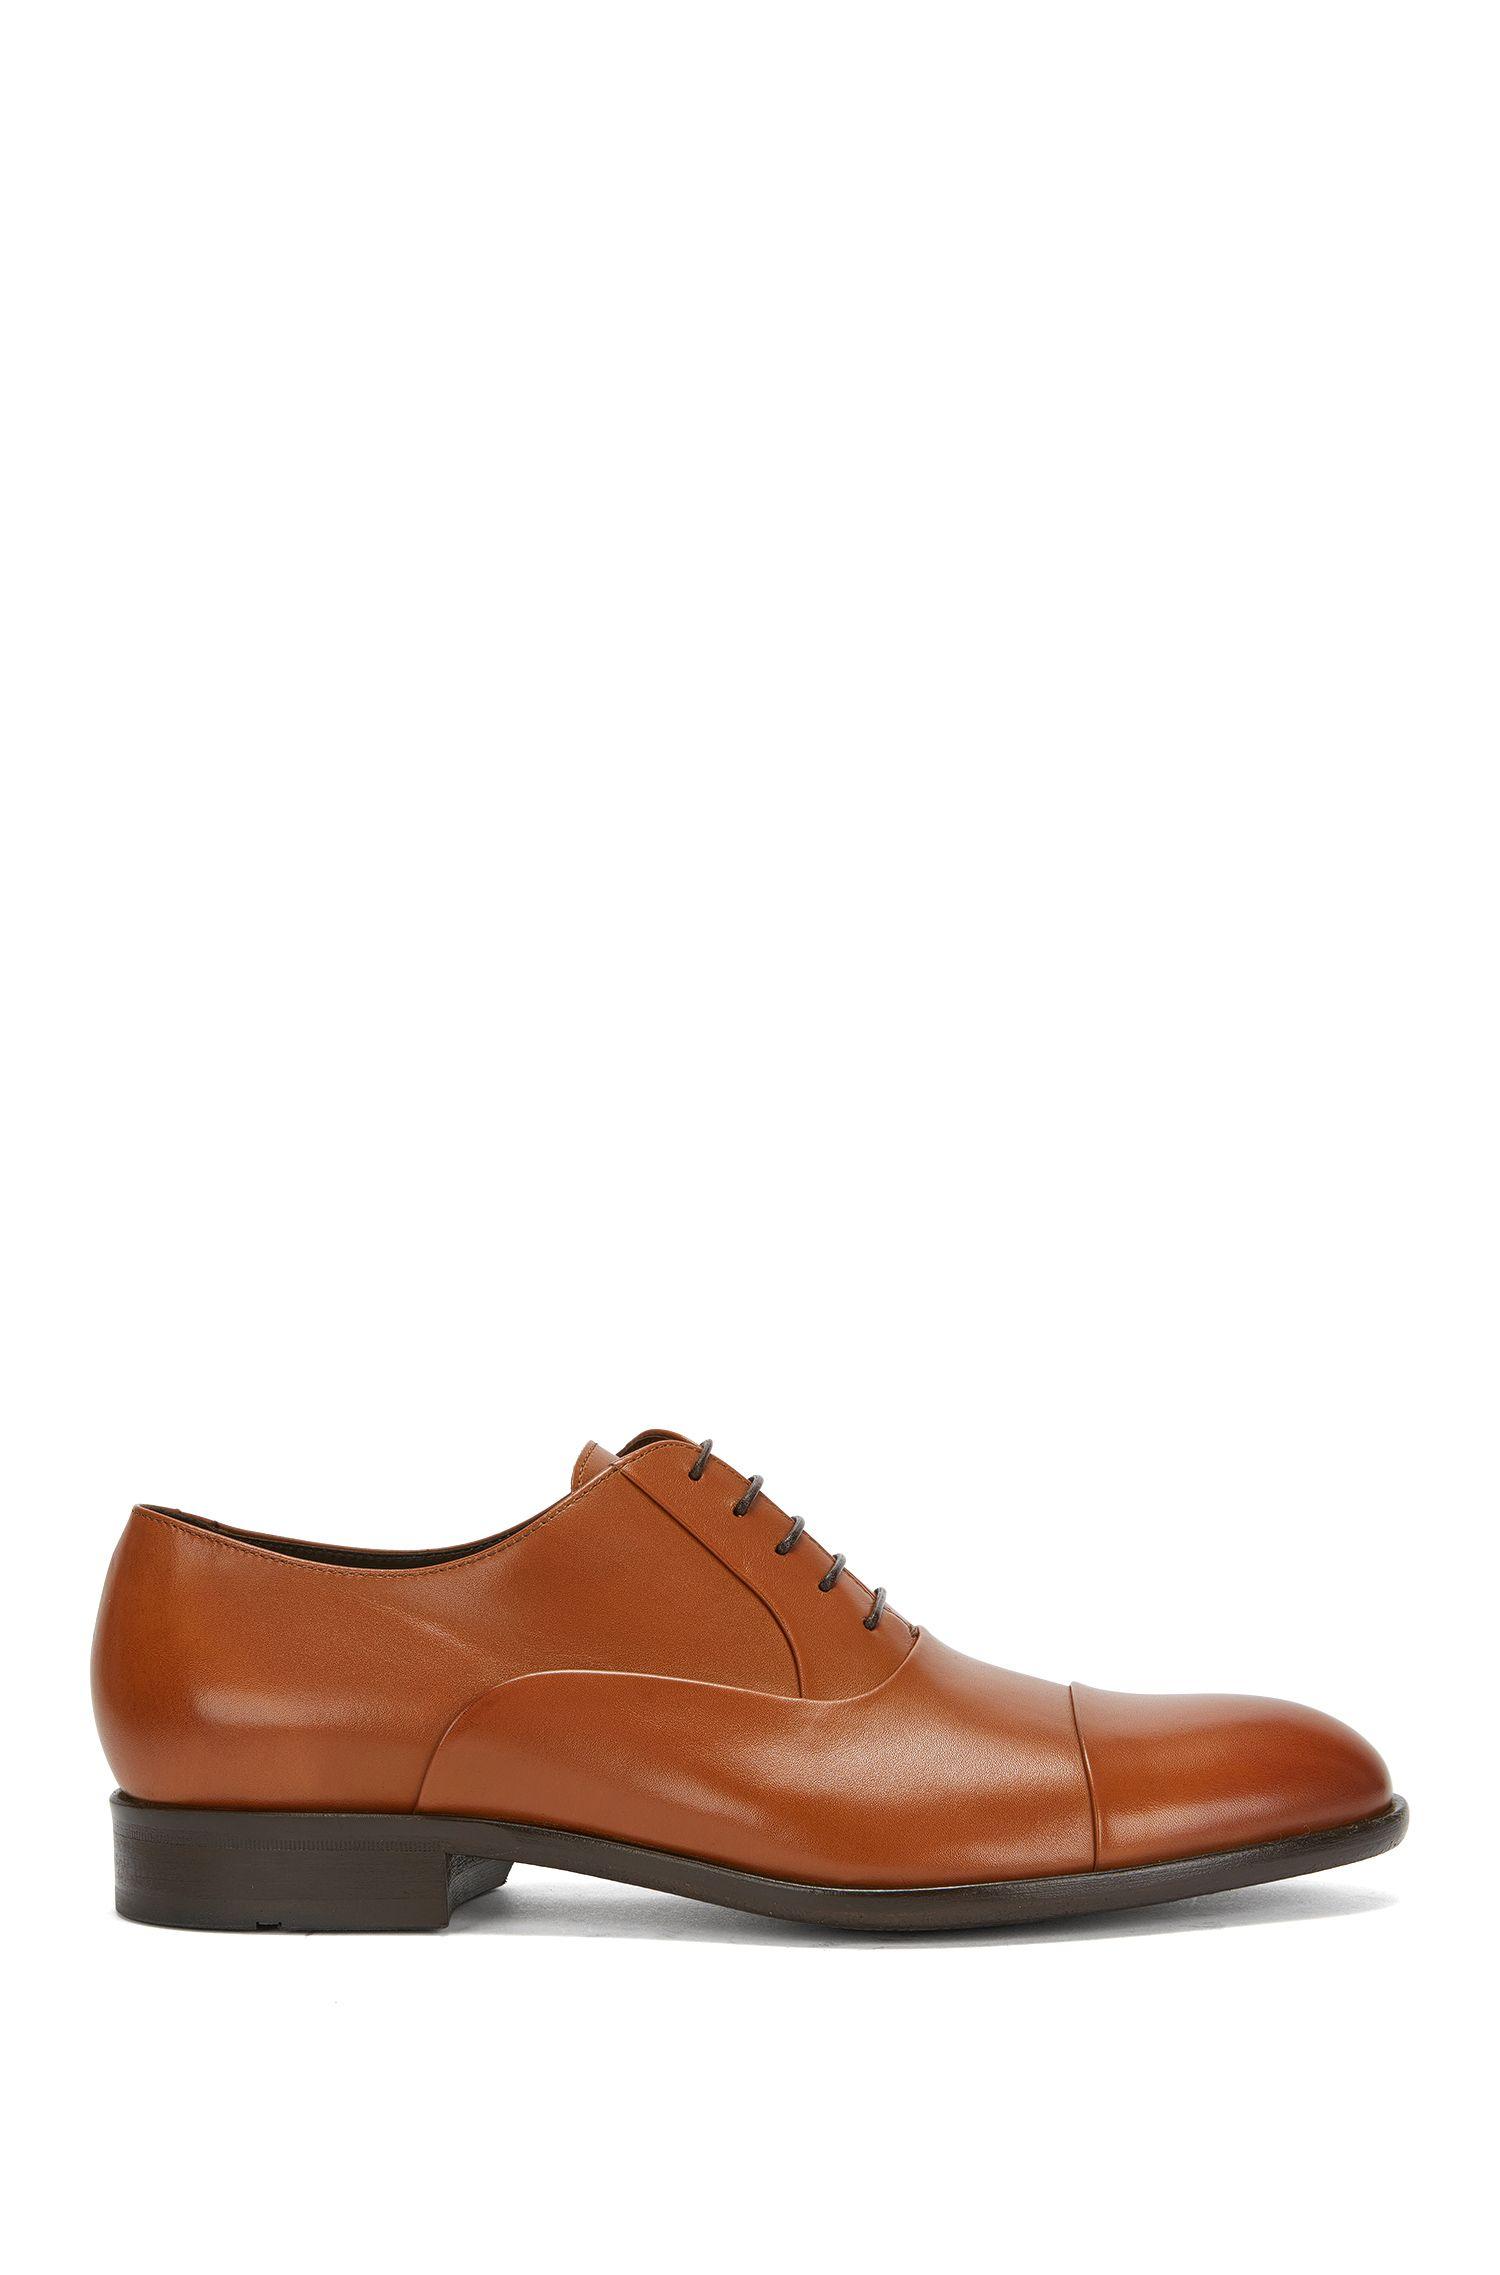 Chaussures Oxford en cuir lisse